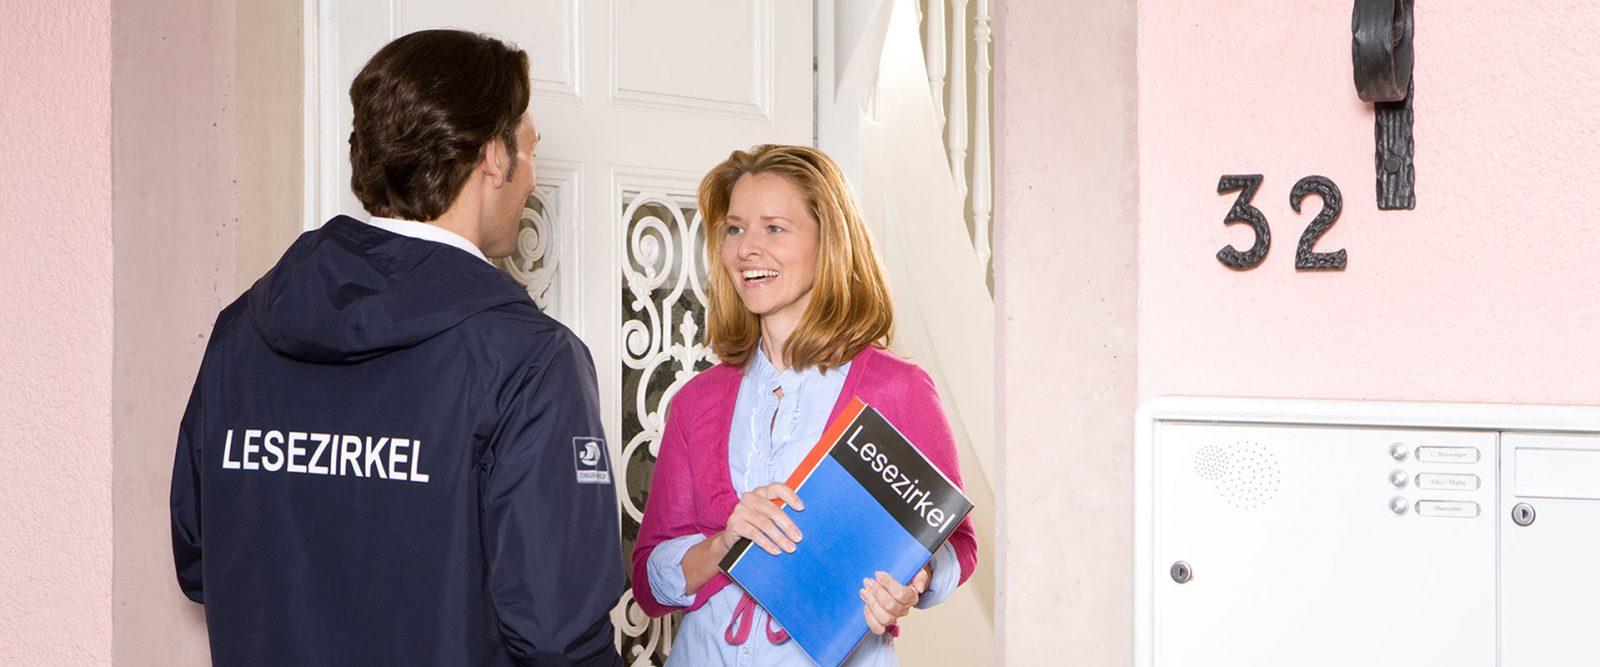 Zusteller bringt Zeitschriften an die Haustüre